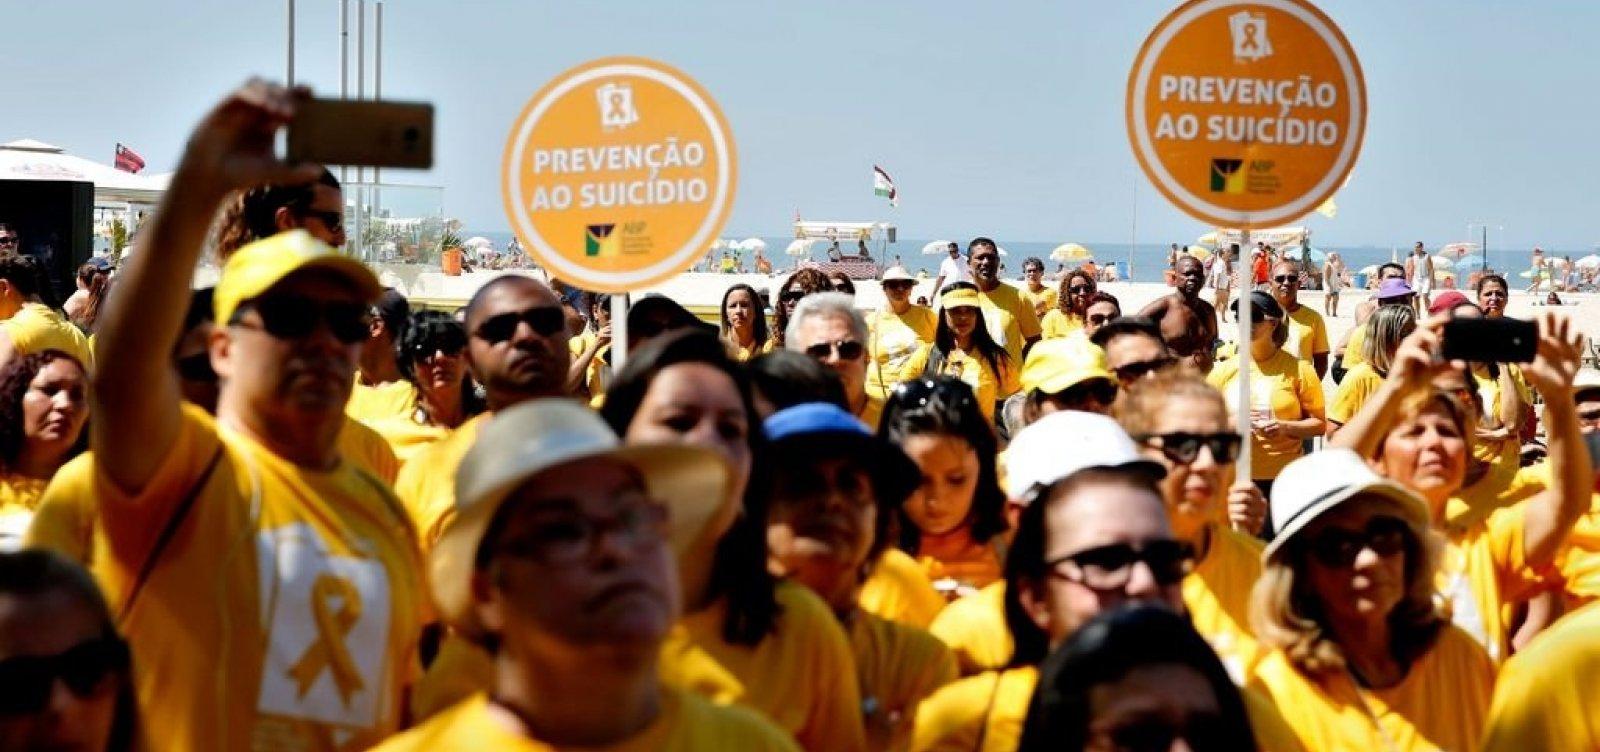 Brasil tem um caso de suicídio a cada 46 minutos